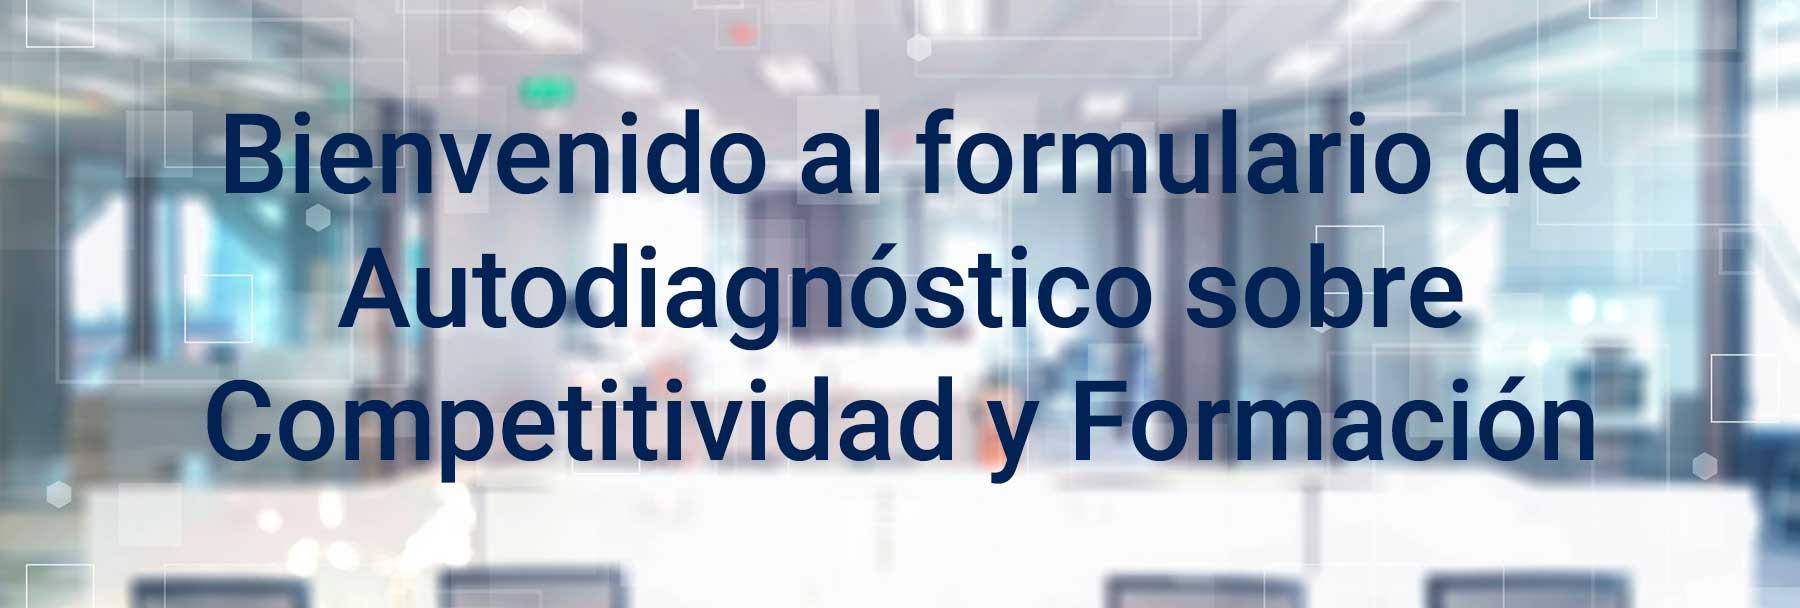 Fundación Confemetal - Test de Autodiagnóstico